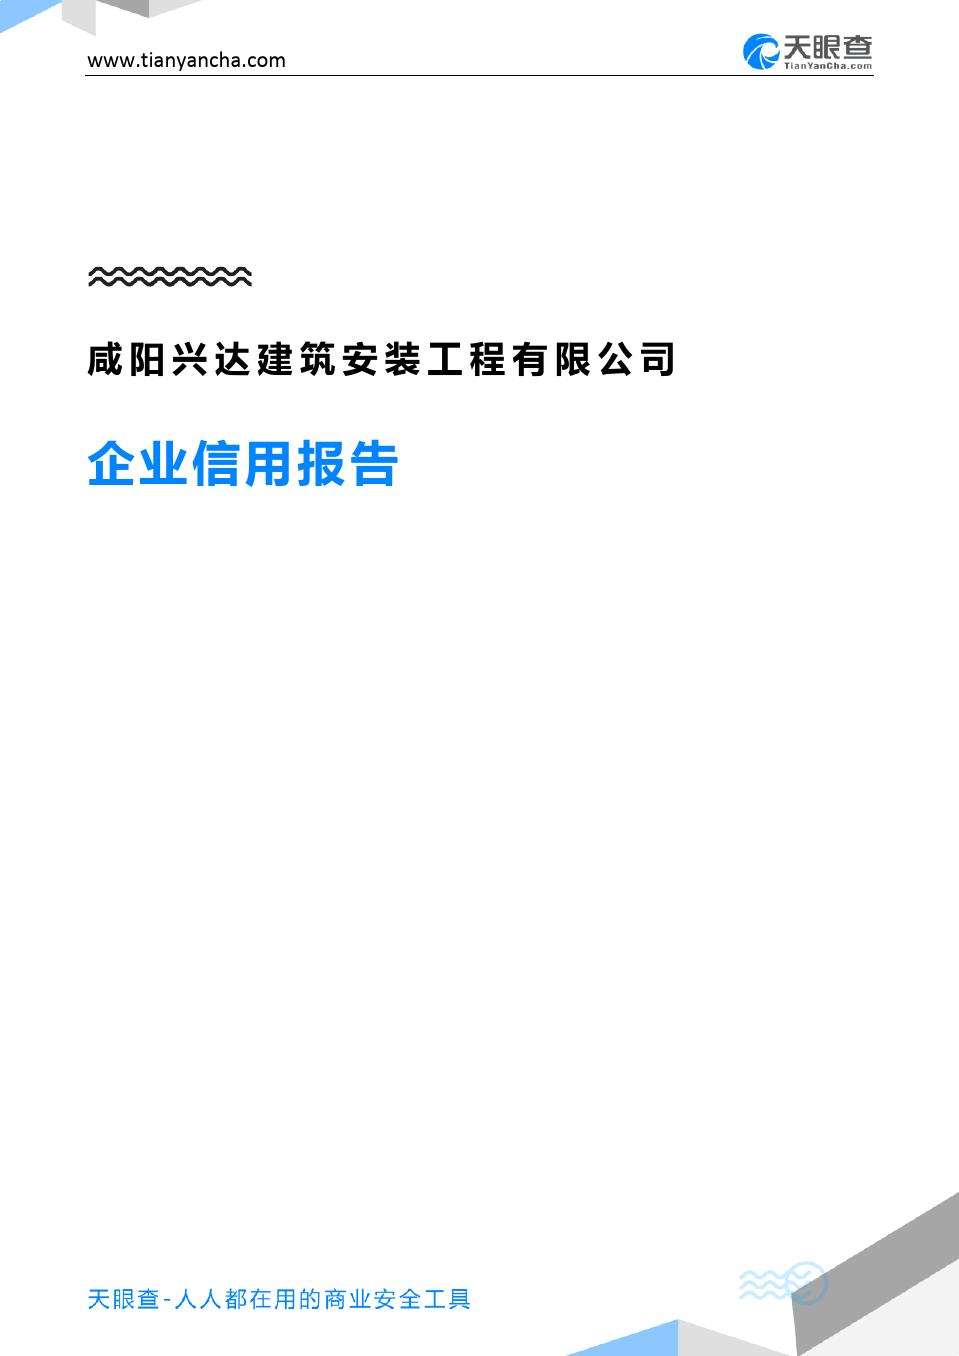 咸阳兴达建筑安装工程有限公司(企业信用报告)- 天眼查